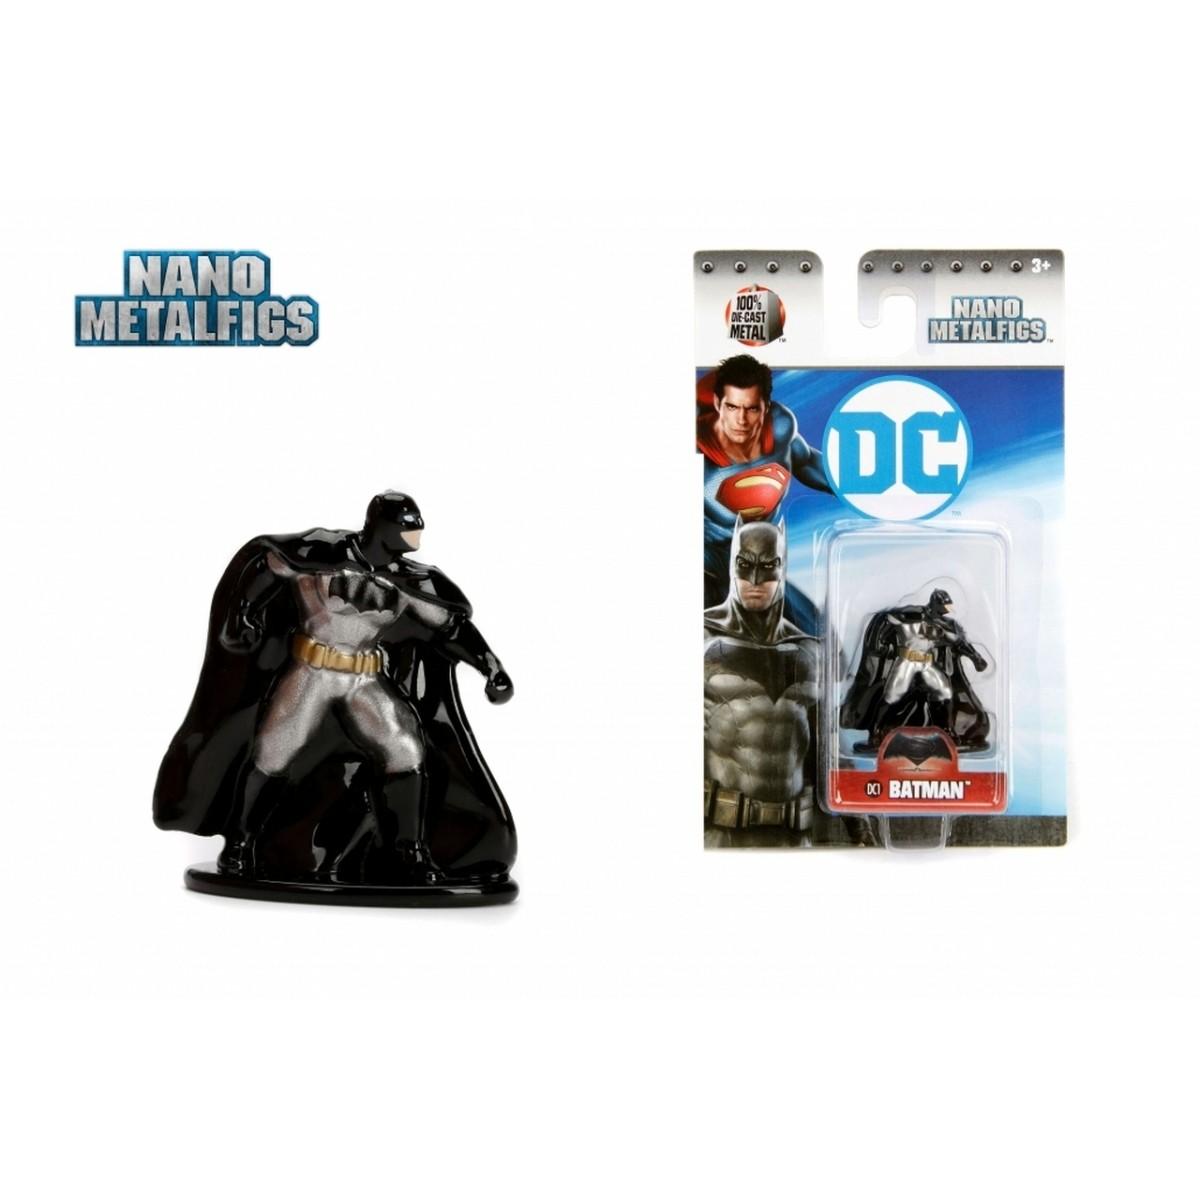 Nano Metalfigs: Batman: DC Comics (DC1) - Jada Toys